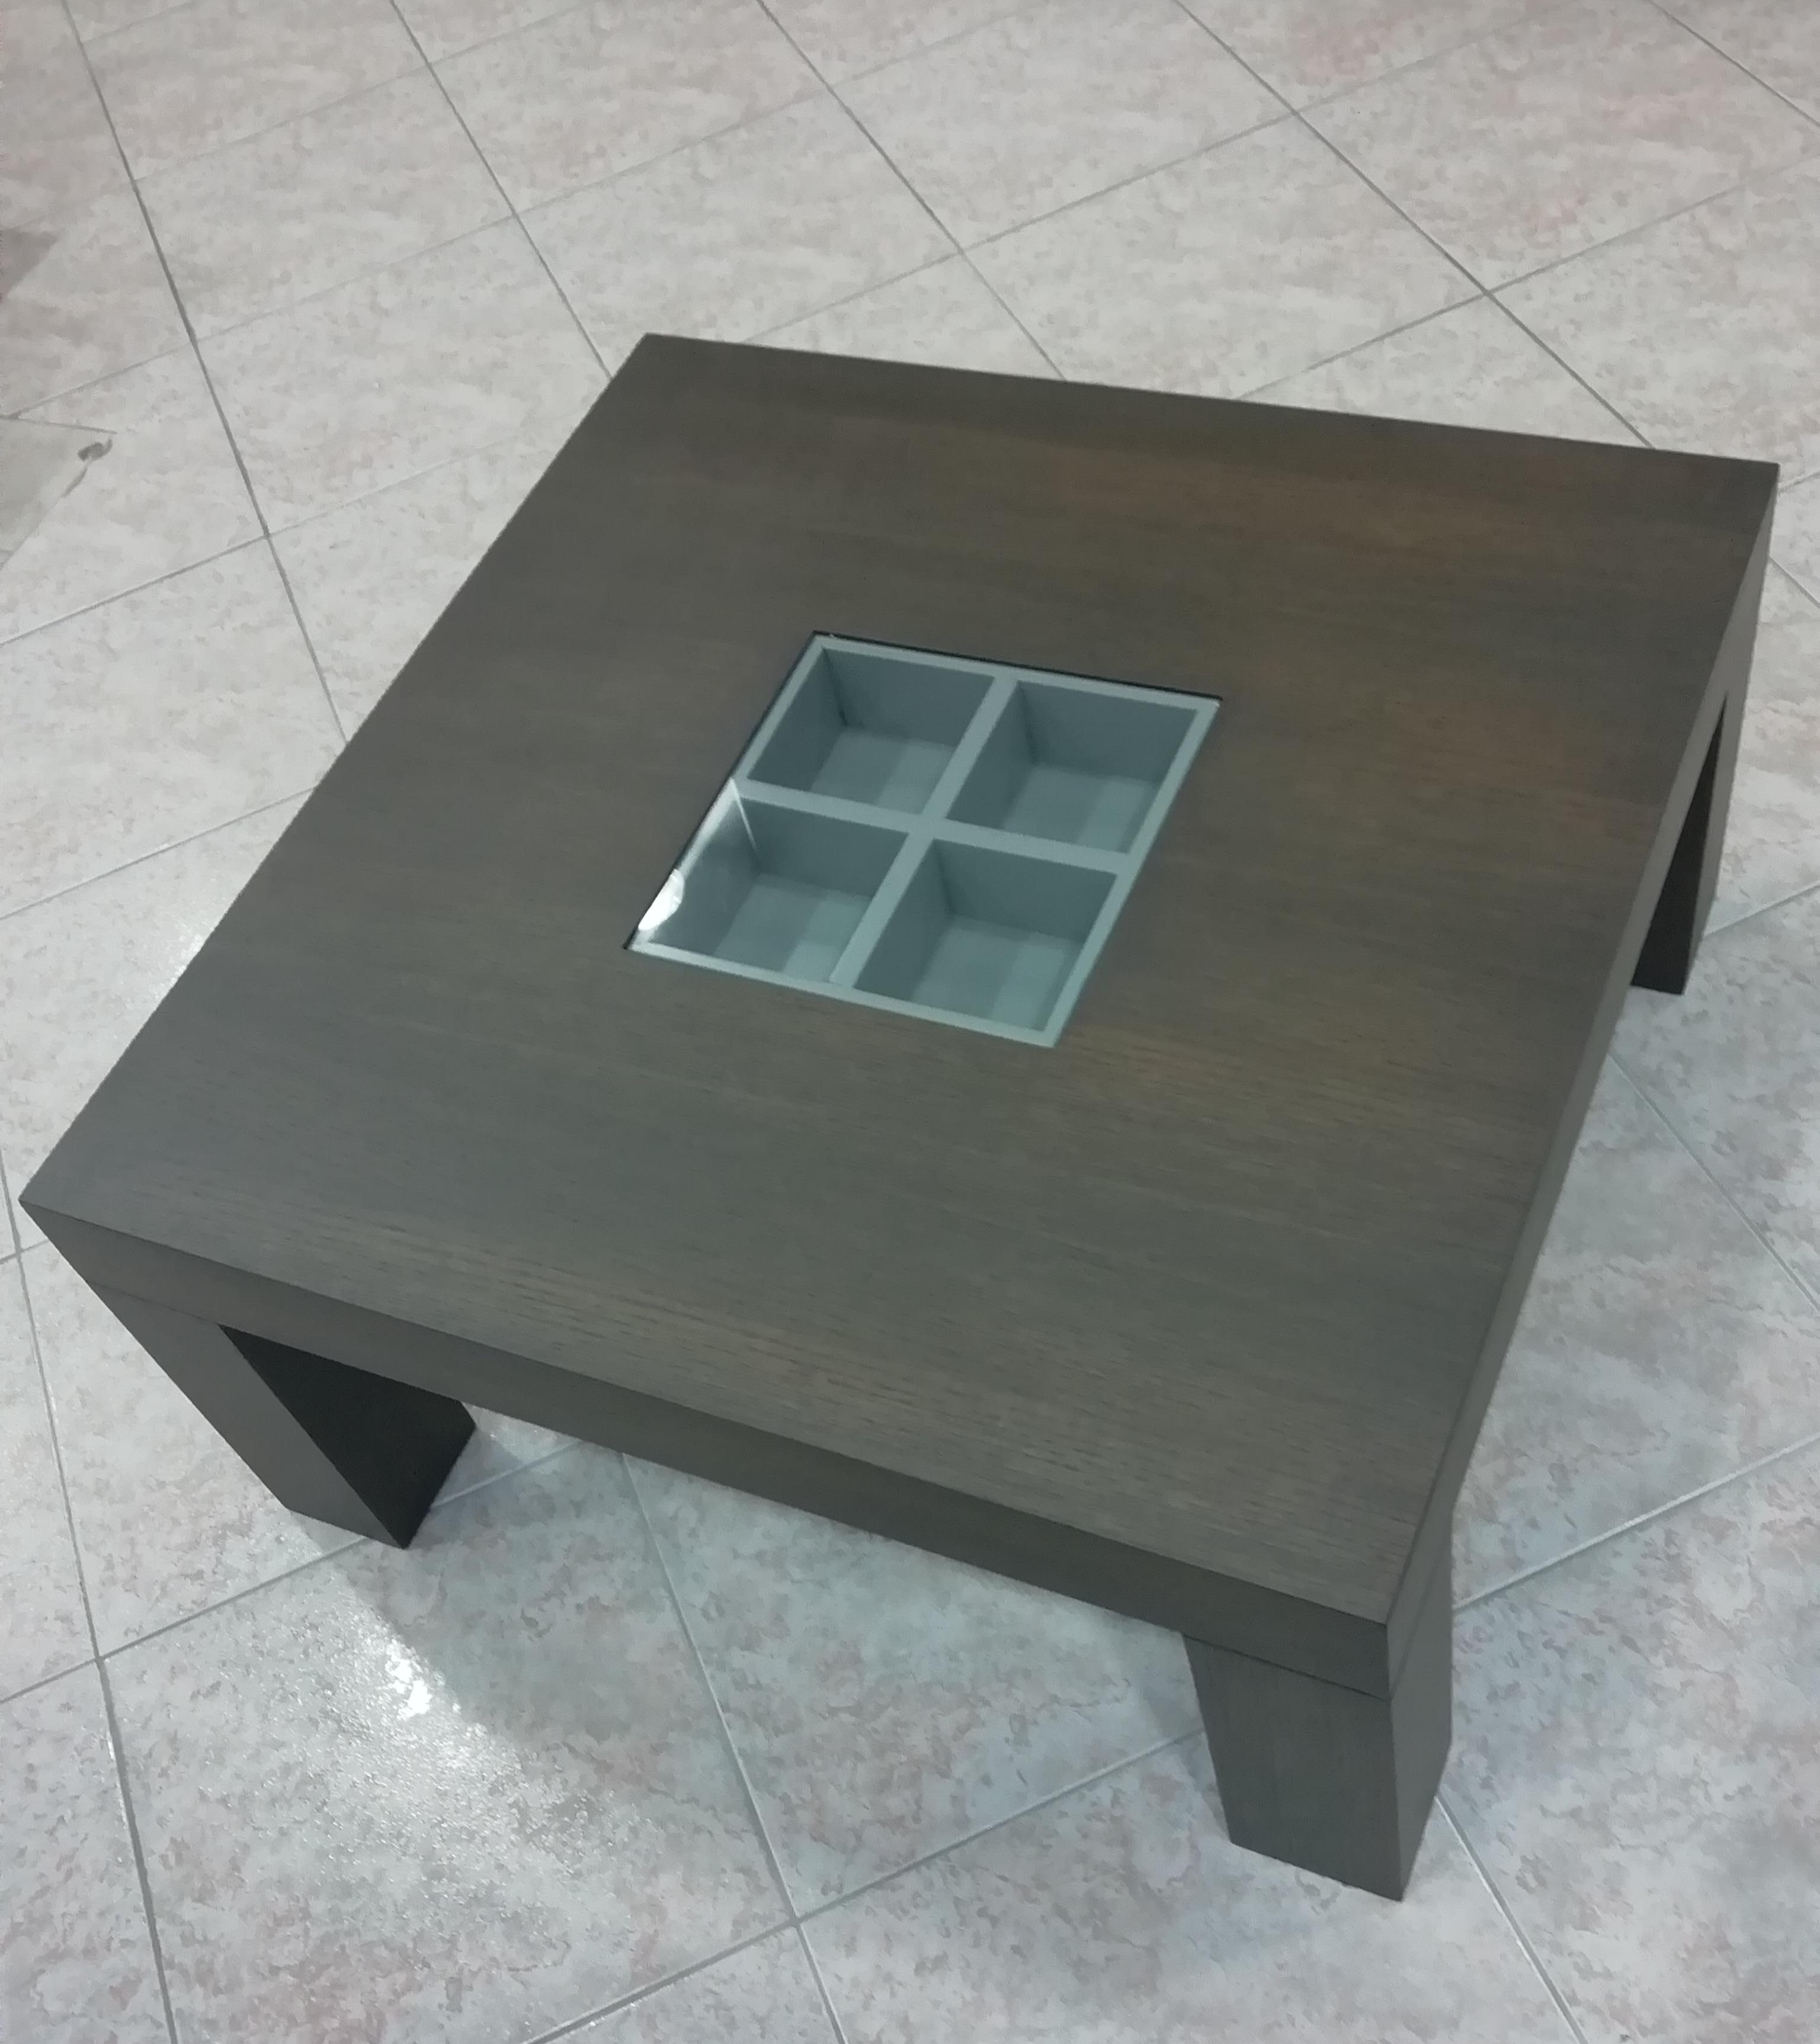 Μοντέρνο τραπέζι σαλονιού σε δρυς